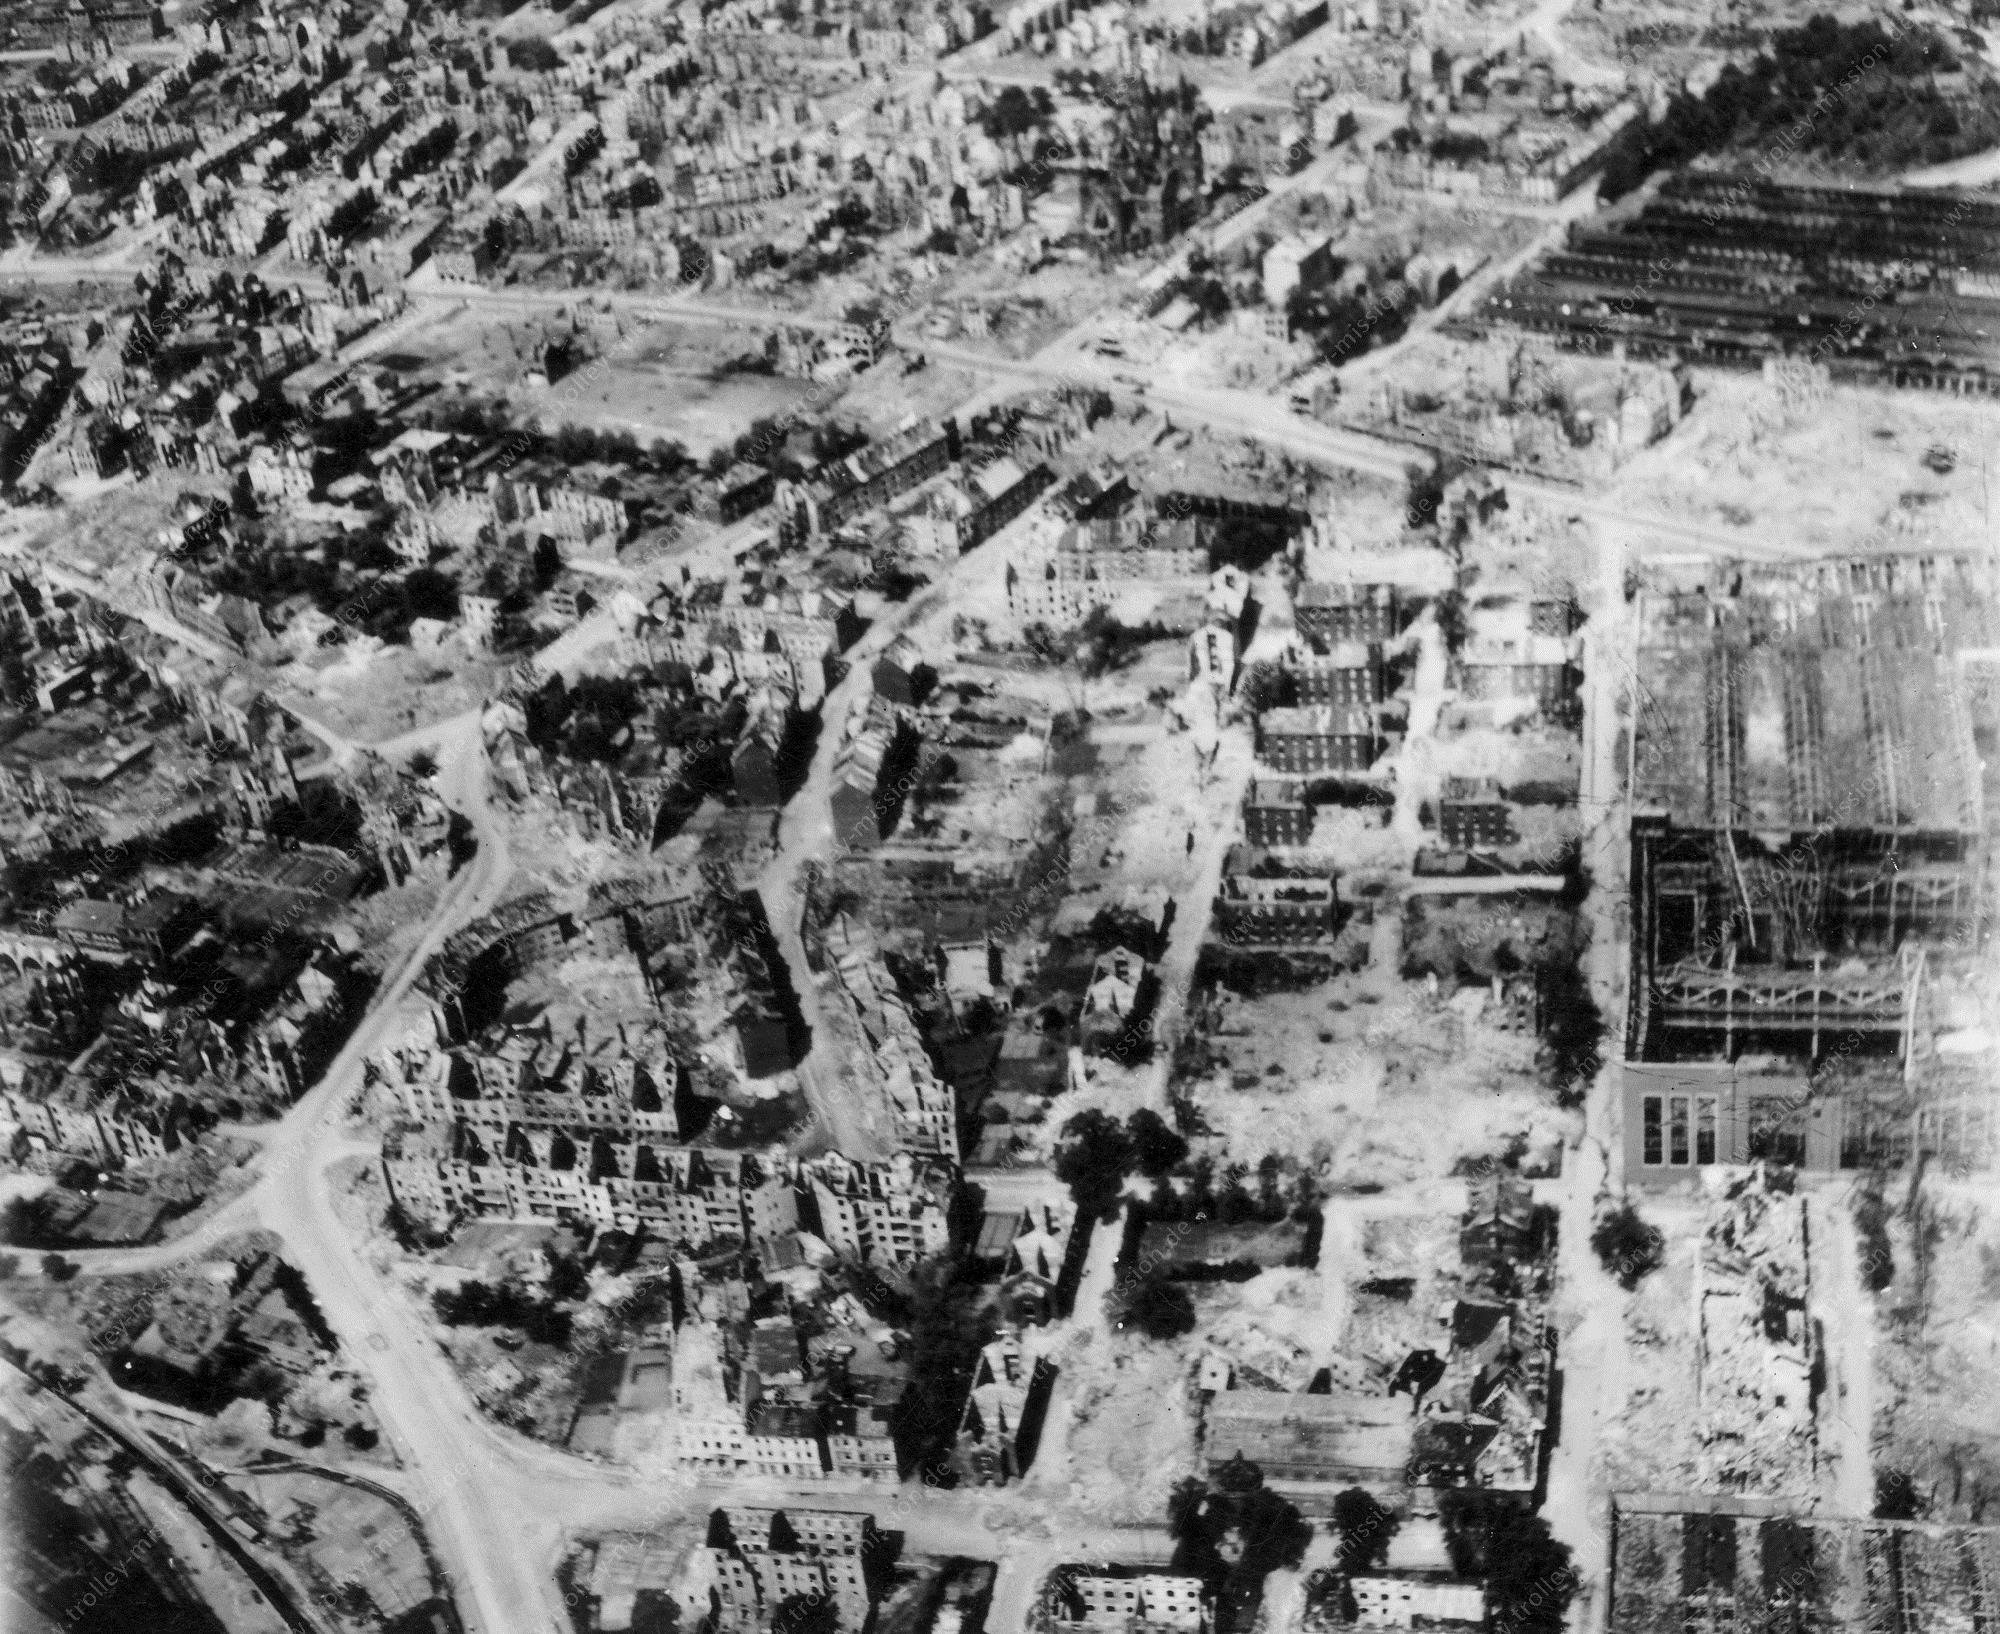 Unbekanntes Luftbild Zerstörtes Stadtgebiet, viele Ruinen, rechts Fabrikhalle